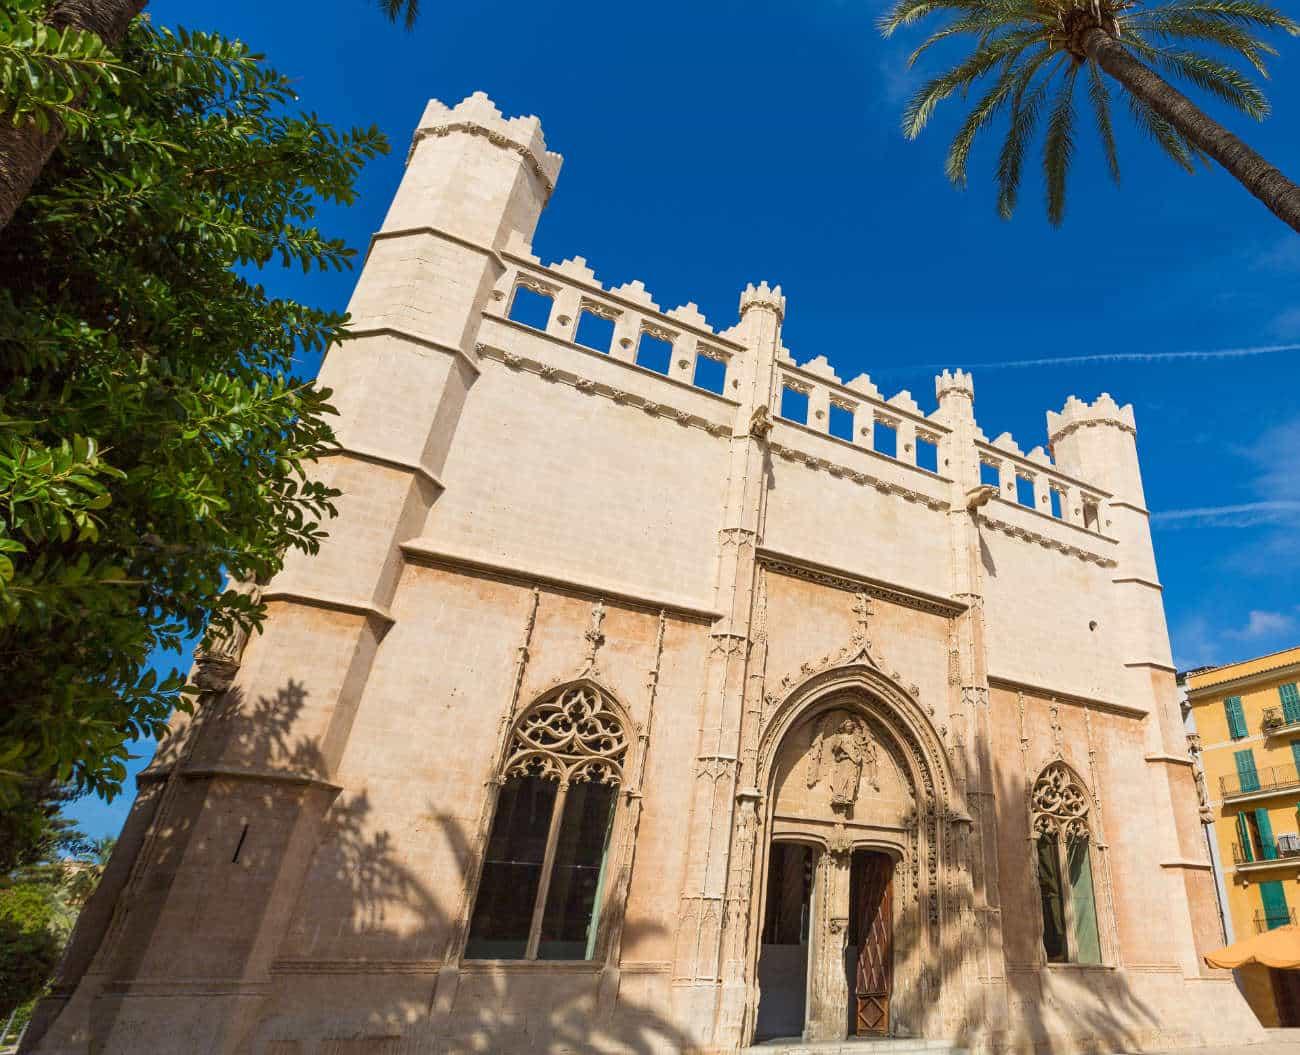 La Lonja Palma de Mallorca